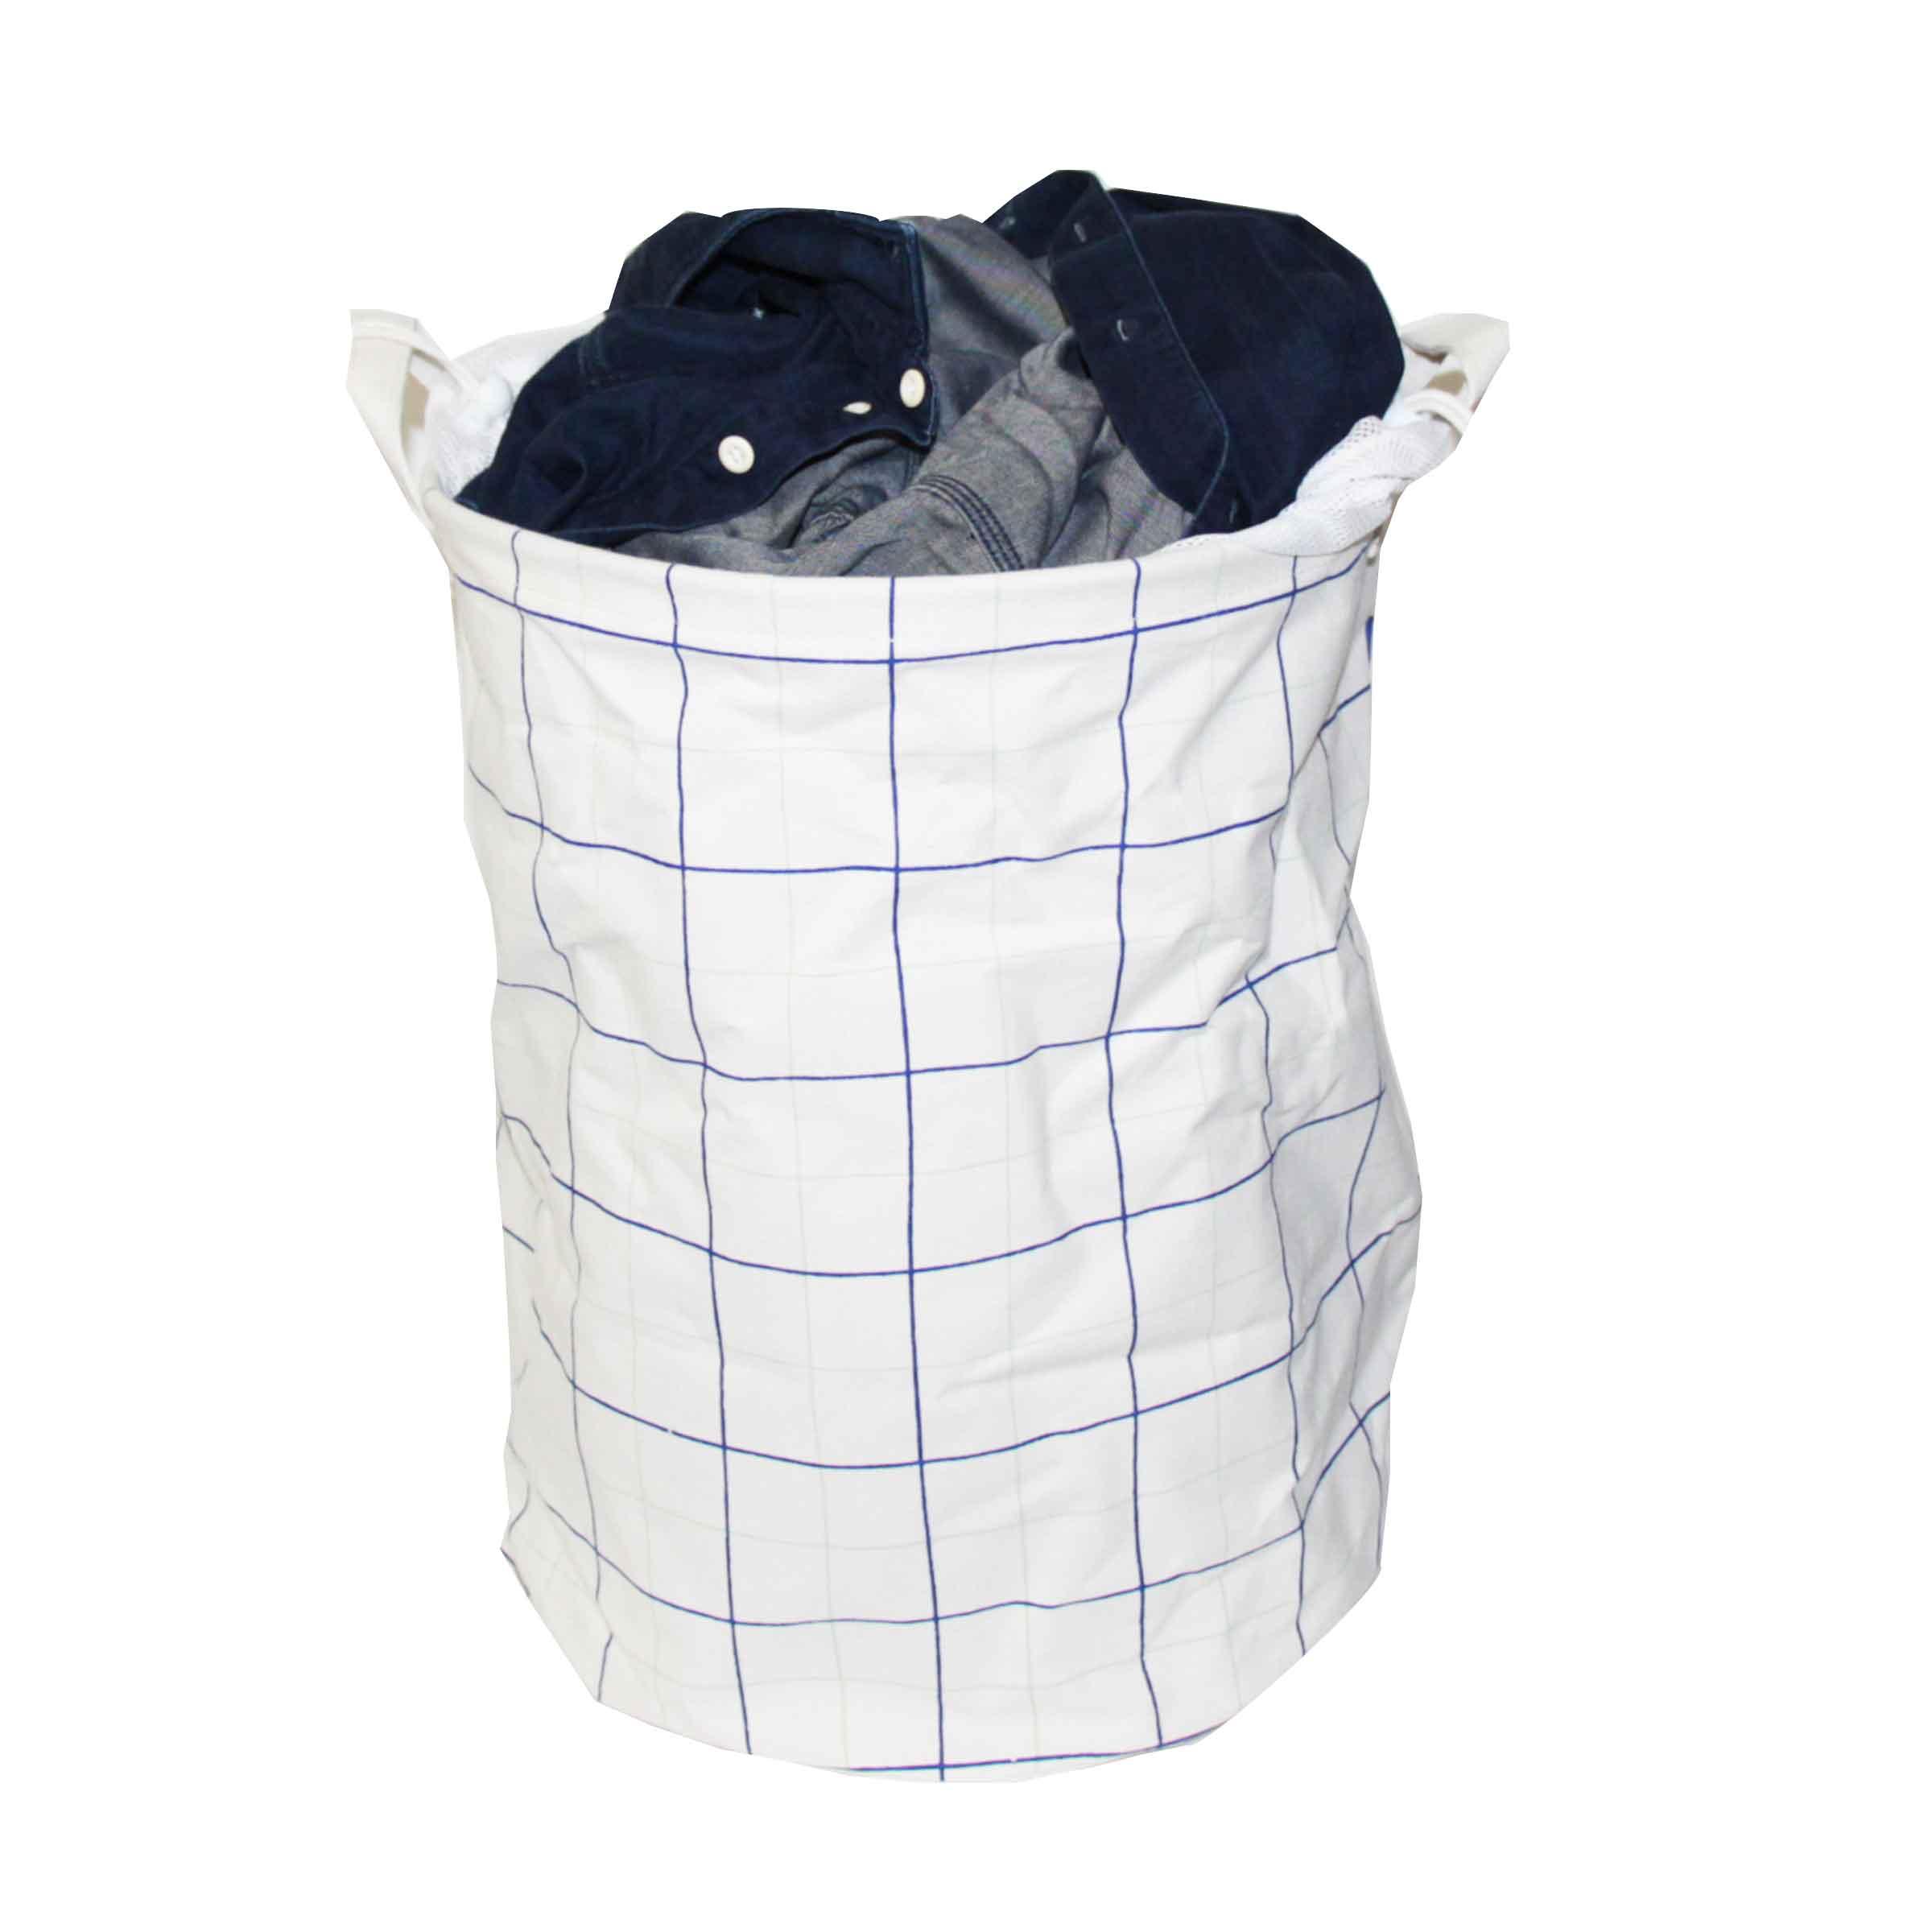 sac à linge souple en tissu blanc et grands carreaux bleus avec 2 poignées